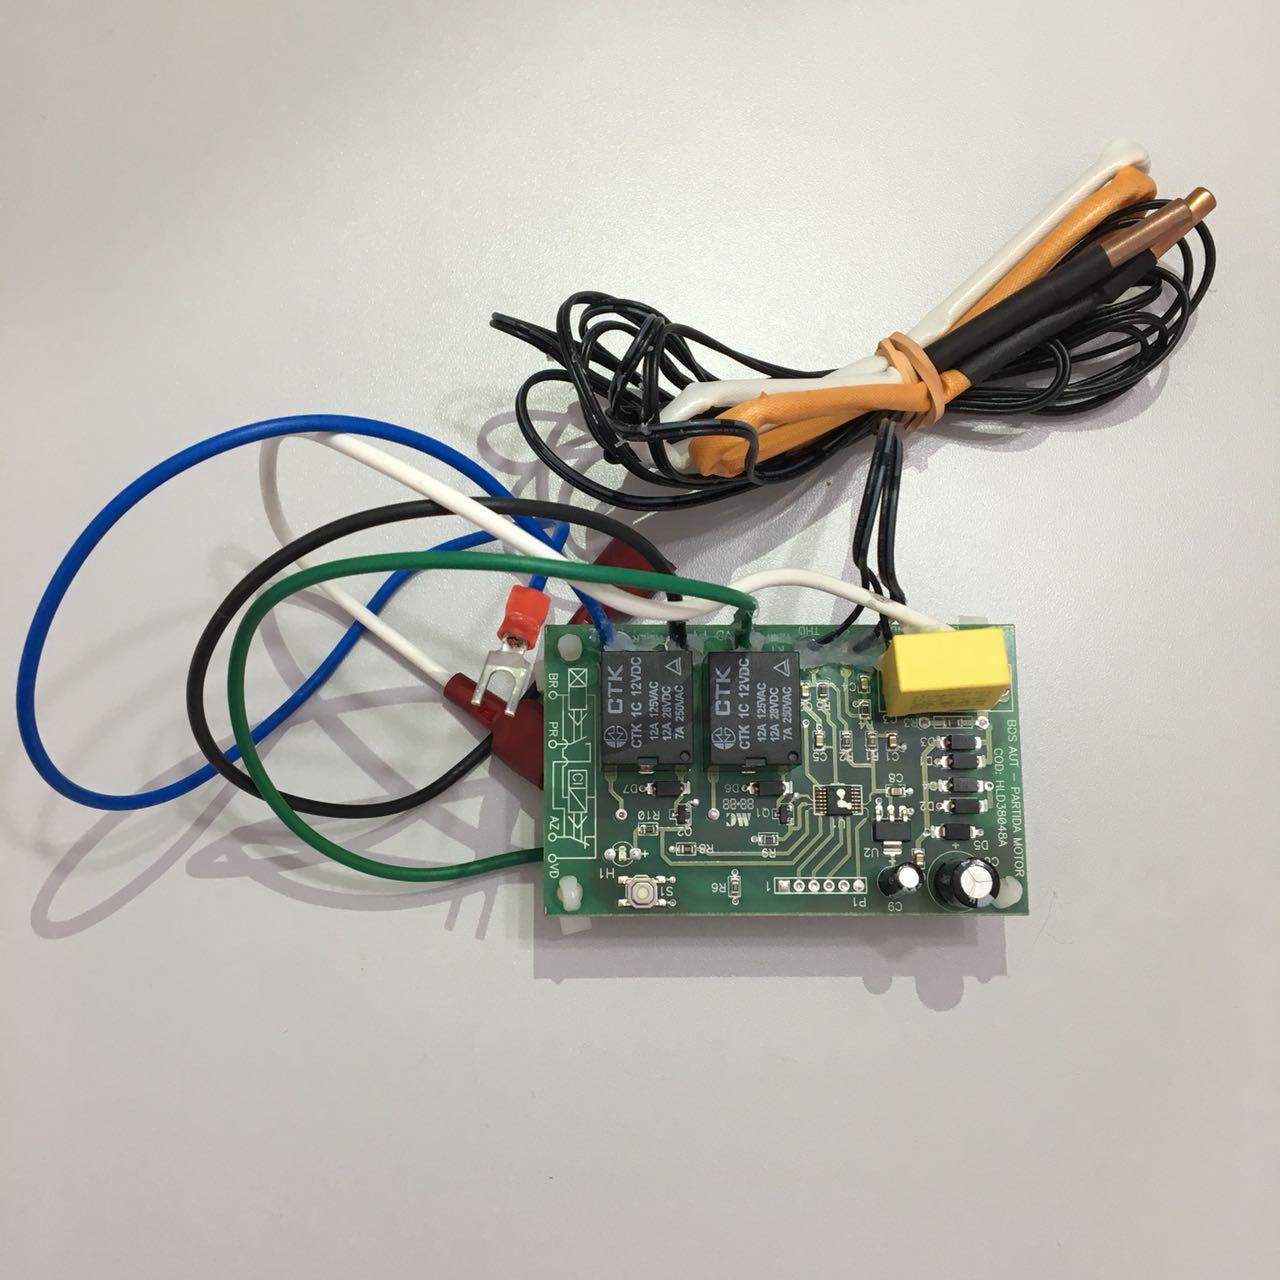 Placa/Rele de Proteção Condensadora Hitachi Modelos RAP 48.000 a 60.000 Btus D42304A